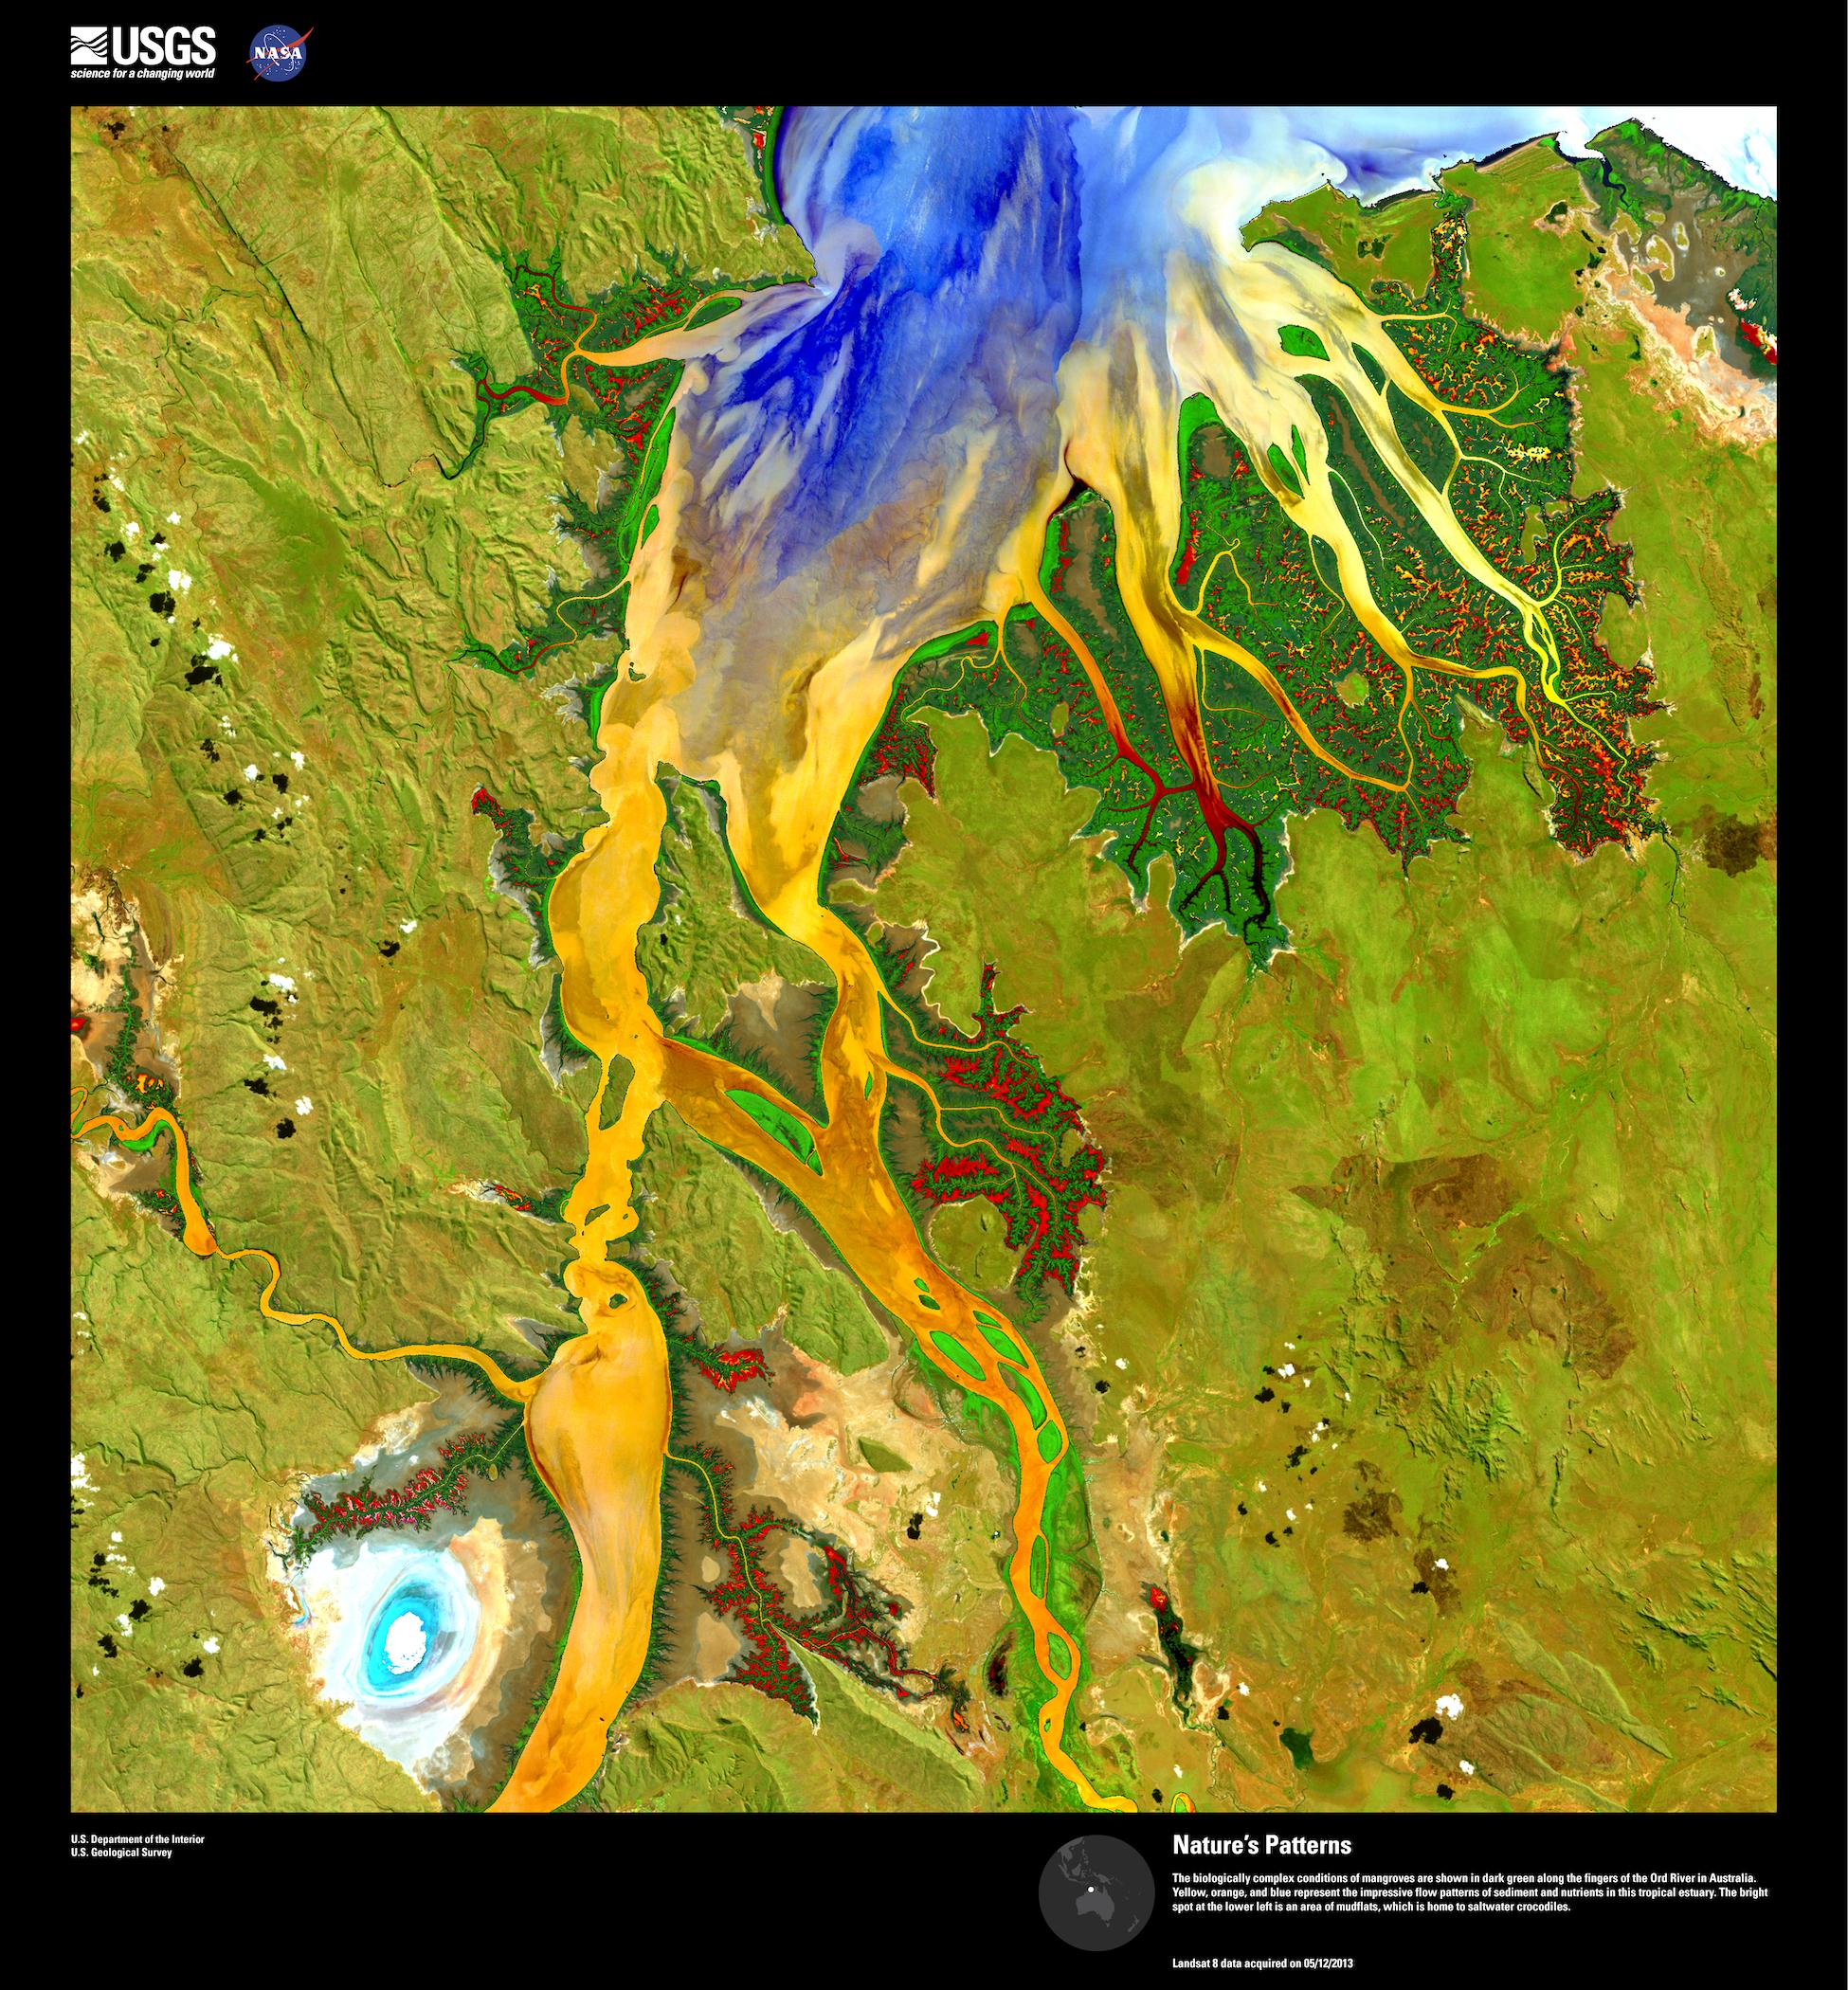 Obrázek 12: Satelitní snímek Landsat 8 řeky Old River v Austrálii zobrazená v tzv. nepravých barvách